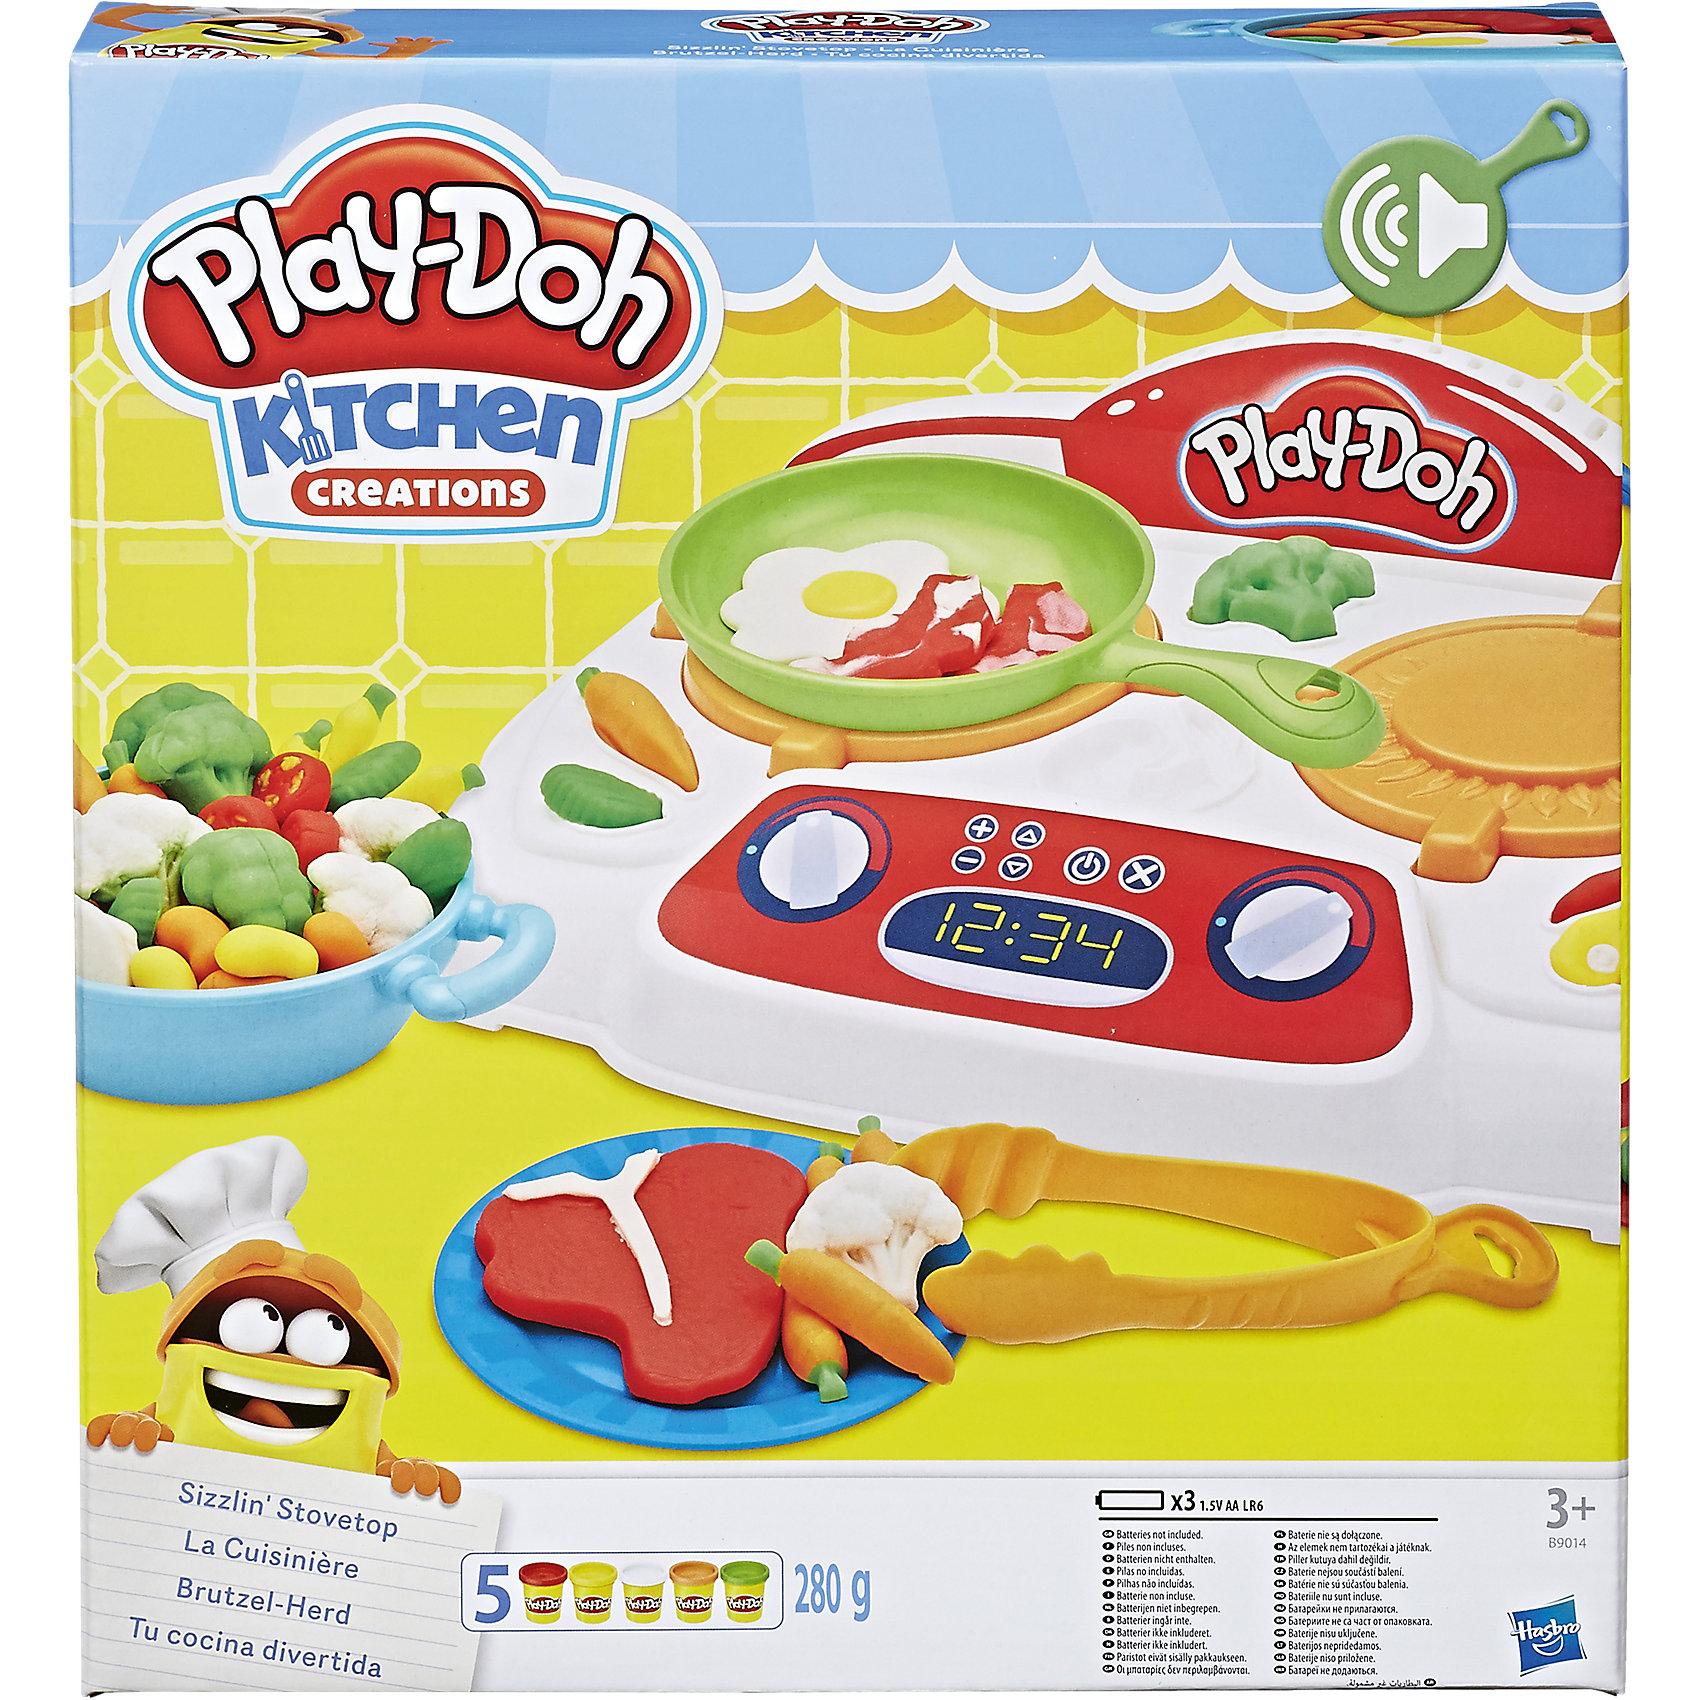 Игровой набор Кухонная плита, Play-DohЛепка<br>Игровой набор Кухонная плита, Play-Doh (Плей До).<br><br>Характеристика: <br><br>• Материал: пластик, пластилин. <br>• Размер упаковки: 31,3x27,6x34,6 см.<br>• В комплекте: электронная плита, 4 тумбы, 2 сковородки, щипцы, шпатель, нож, вилка, и 5 стандартных баночек пластилина . <br>• Отличная детализация. <br>• Яркий привлекательный дизайн. <br>• Элемент питания: 3 АА батарейки (не входят в комплект). <br>• После окончания игры пластилин хранить в плотно закрытой банке. <br>• Лепка отлично развивает моторику рук, воображение, мышление. <br><br>С этим ярким набором от Play-Doh ребенок сможет почувствовать себя настоящим поваром! Отлично проработанные аксессуары и электронная плита сделают игры еще реалистичнее и интереснее. Мягкий пластилин выполнен из высококачественных экологичных материалов при использовании только безопасных нетоксичных красителей. Тесто-пластилин Play-Doh очень пластичное, хорошо смывается с рук и одежды.<br><br>Игровой набор Кухонная плита, Play-Doh (Плей До) можно купить в нашем интернет-магазине.<br><br>Ширина мм: 334<br>Глубина мм: 304<br>Высота мм: 68<br>Вес г: 861<br>Возраст от месяцев: 36<br>Возраст до месяцев: 72<br>Пол: Унисекс<br>Возраст: Детский<br>SKU: 5099881